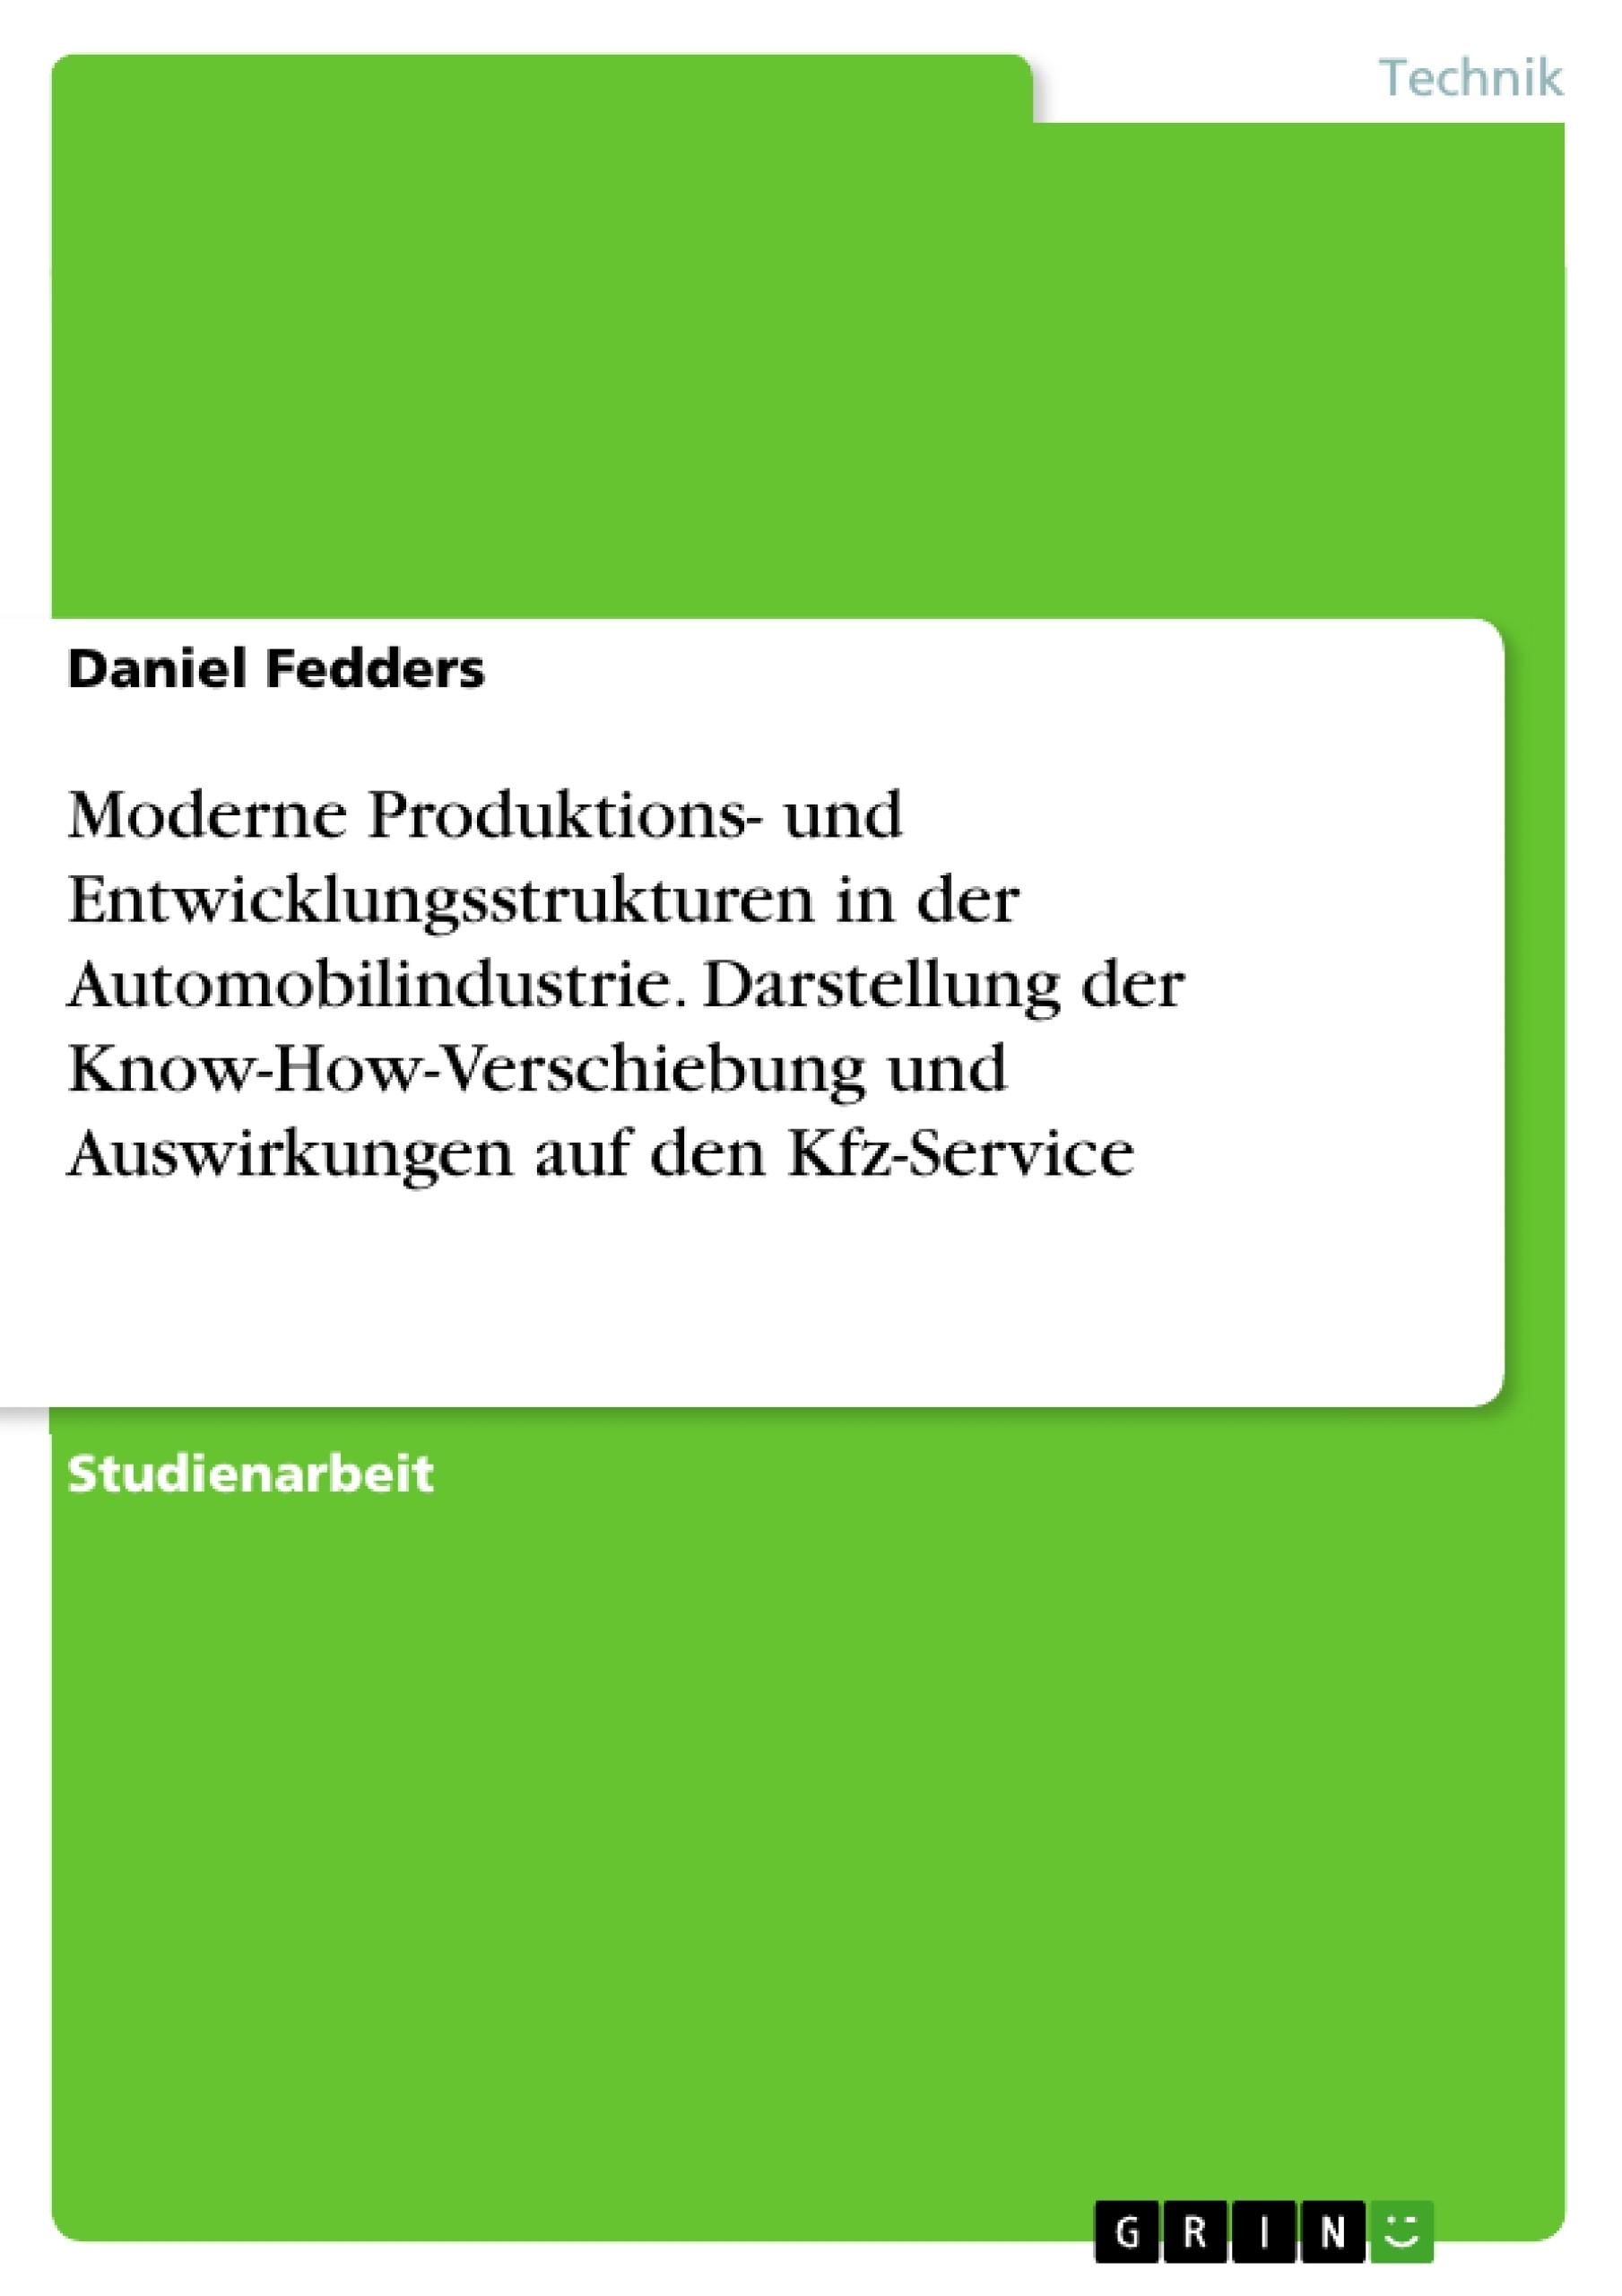 Titel: Moderne Produktions- und Entwicklungsstrukturen in der Automobilindustrie. Darstellung der Know-How-Verschiebung und Auswirkungen auf den Kfz-Service